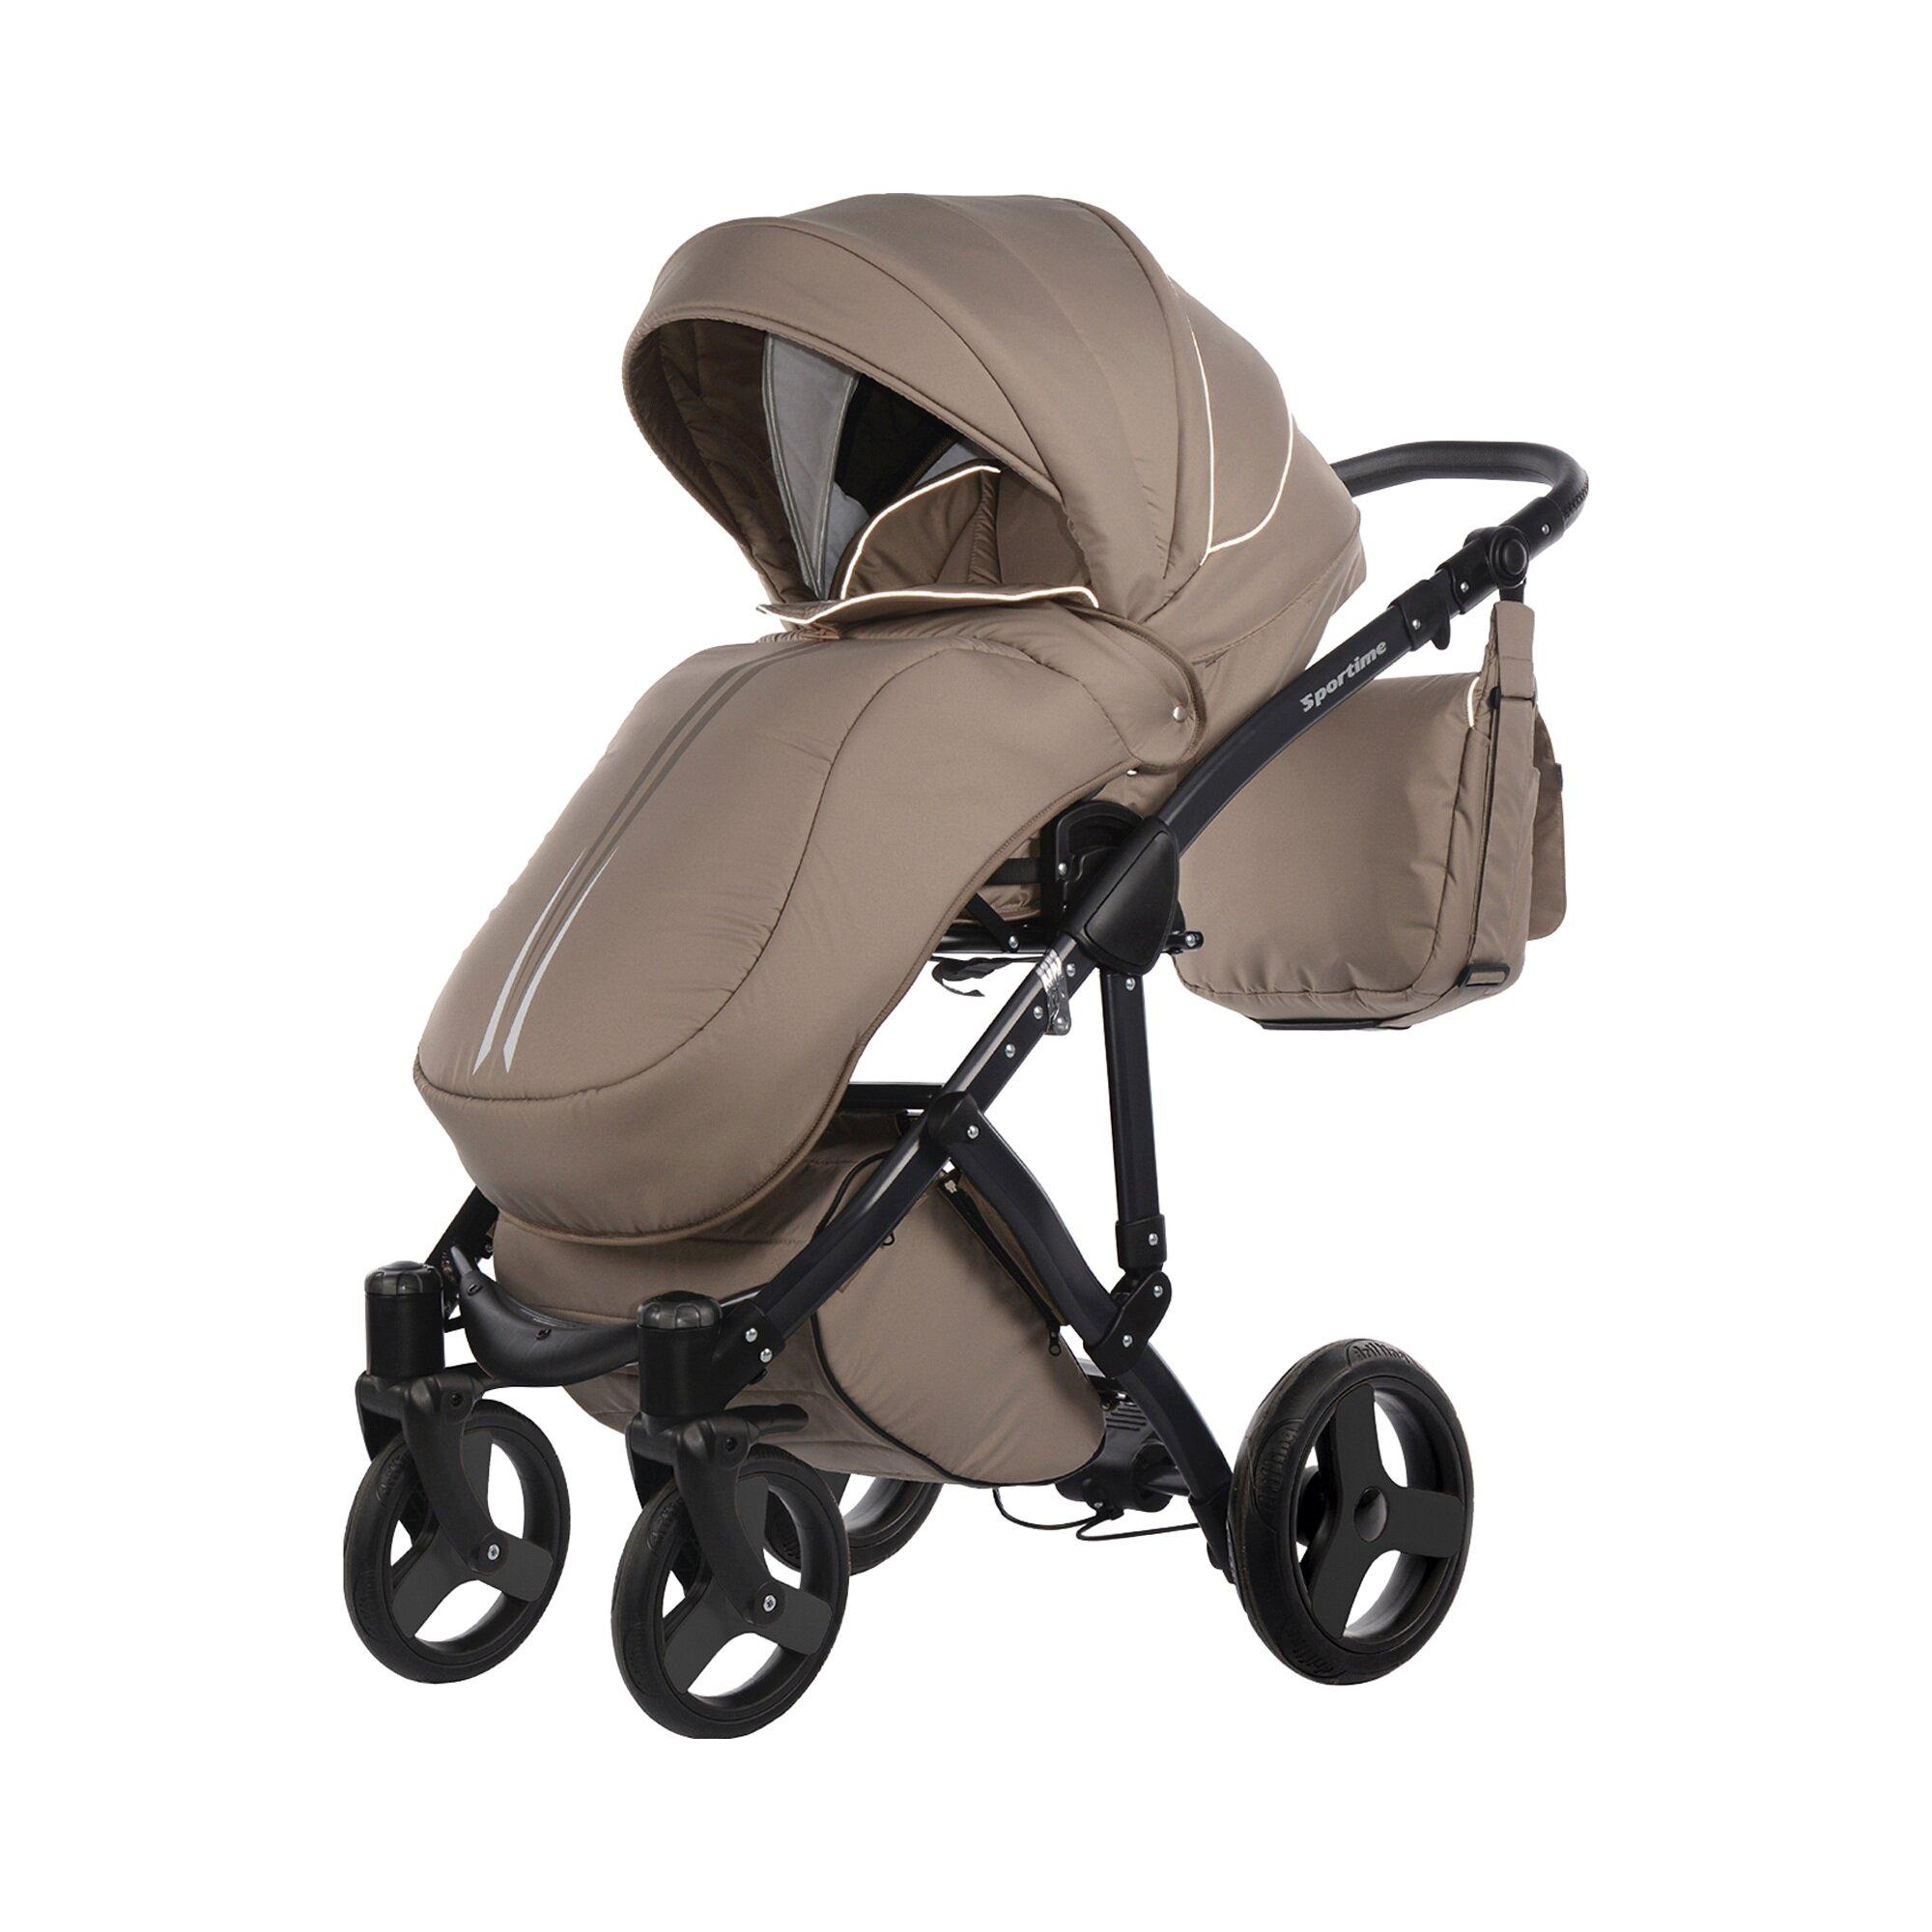 knorr-baby-sportime-kombikinderwagen-mit-wickeltasche-beige